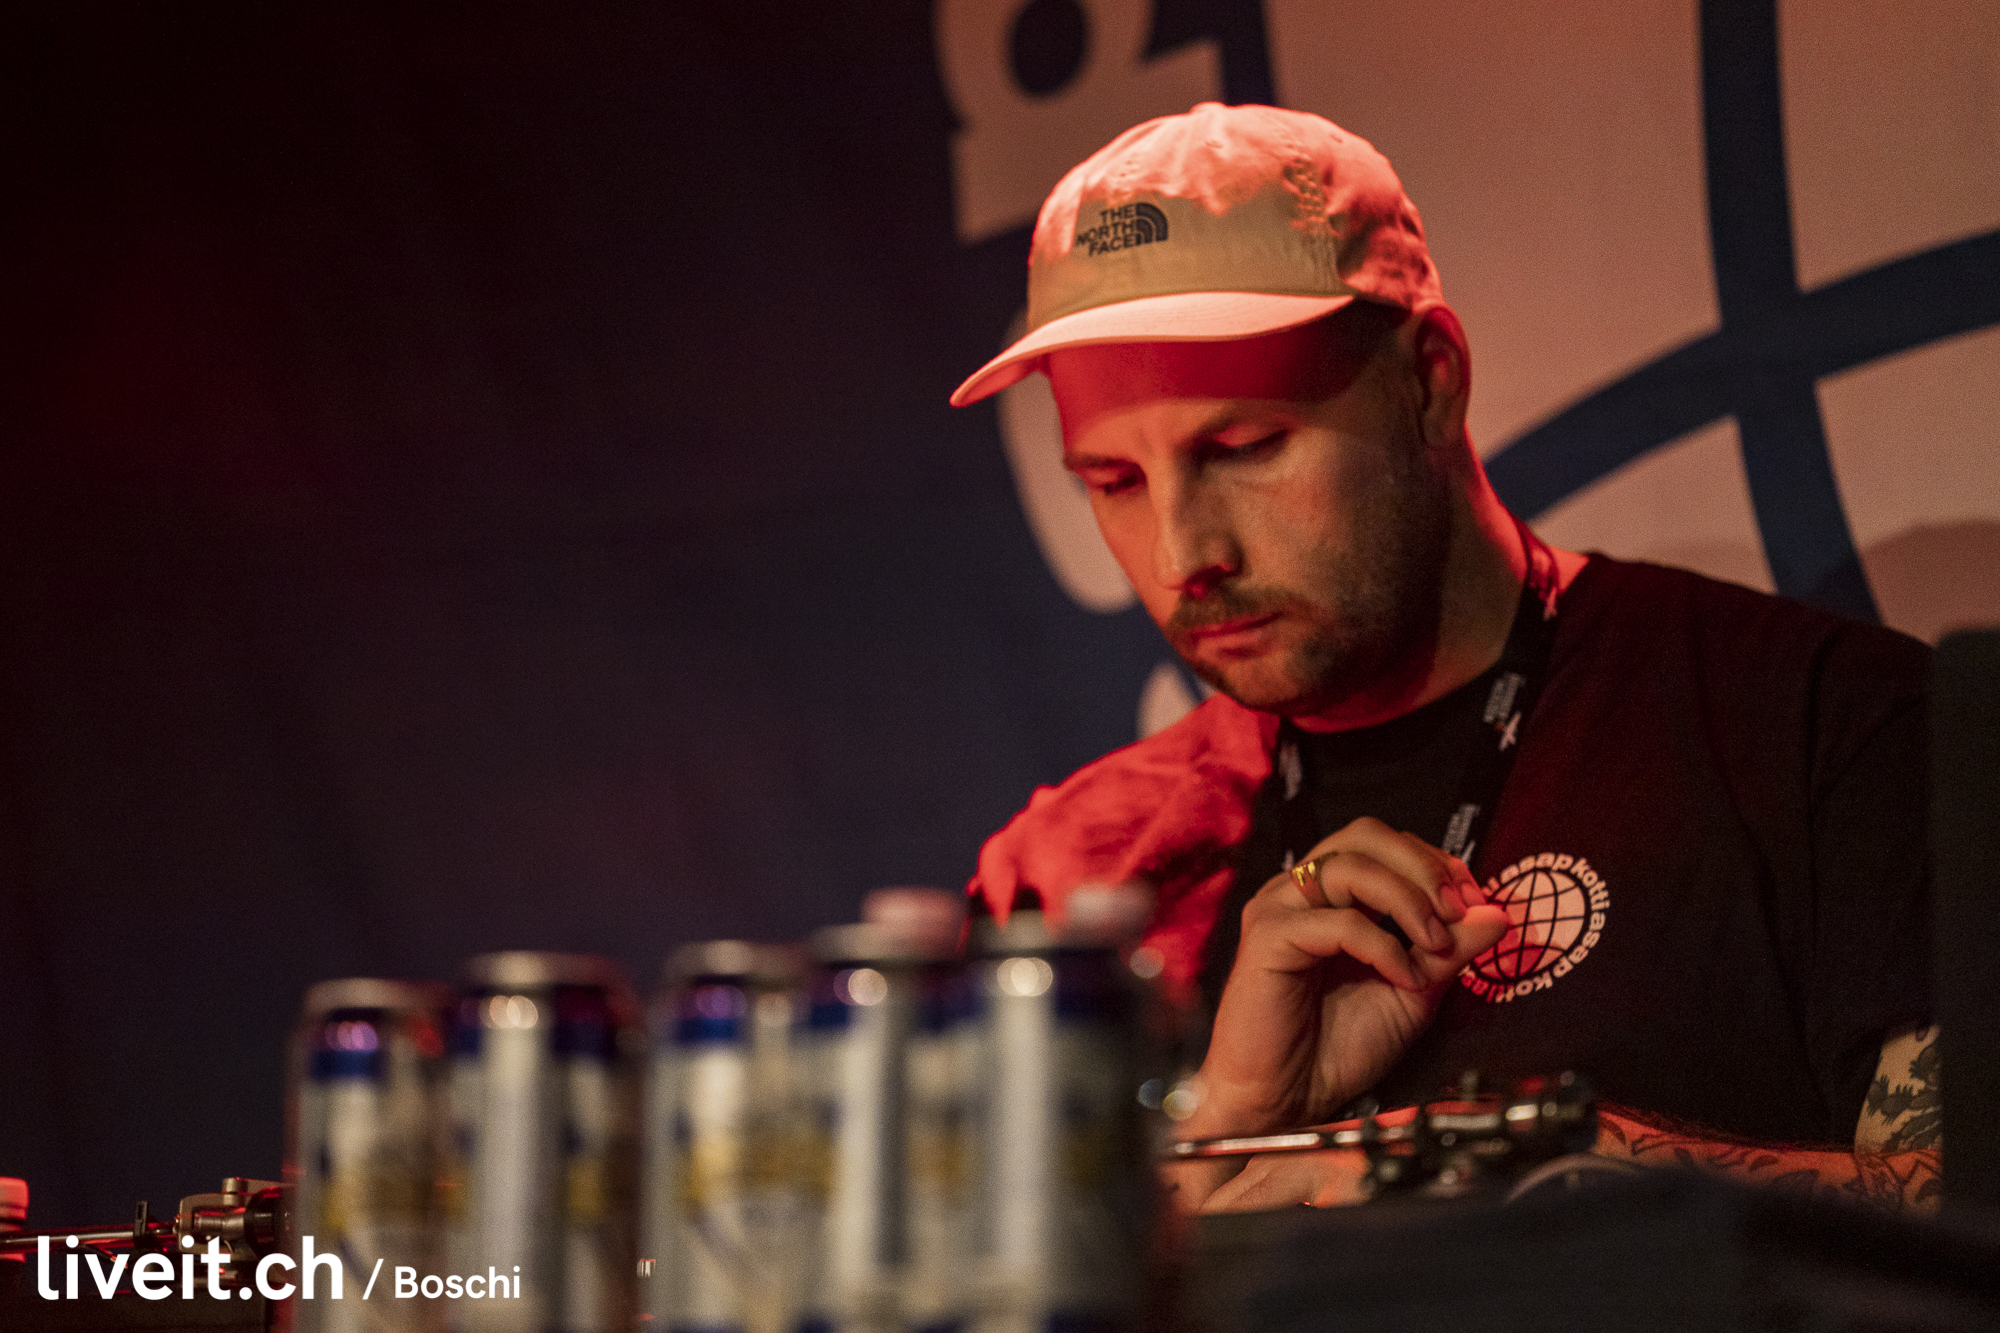 Der deutsche Hiphopper Karate Andi rappte im gut gefüllten Dynamo Club. Das Bier floss in Strömen.(liveit.ch/boschi)